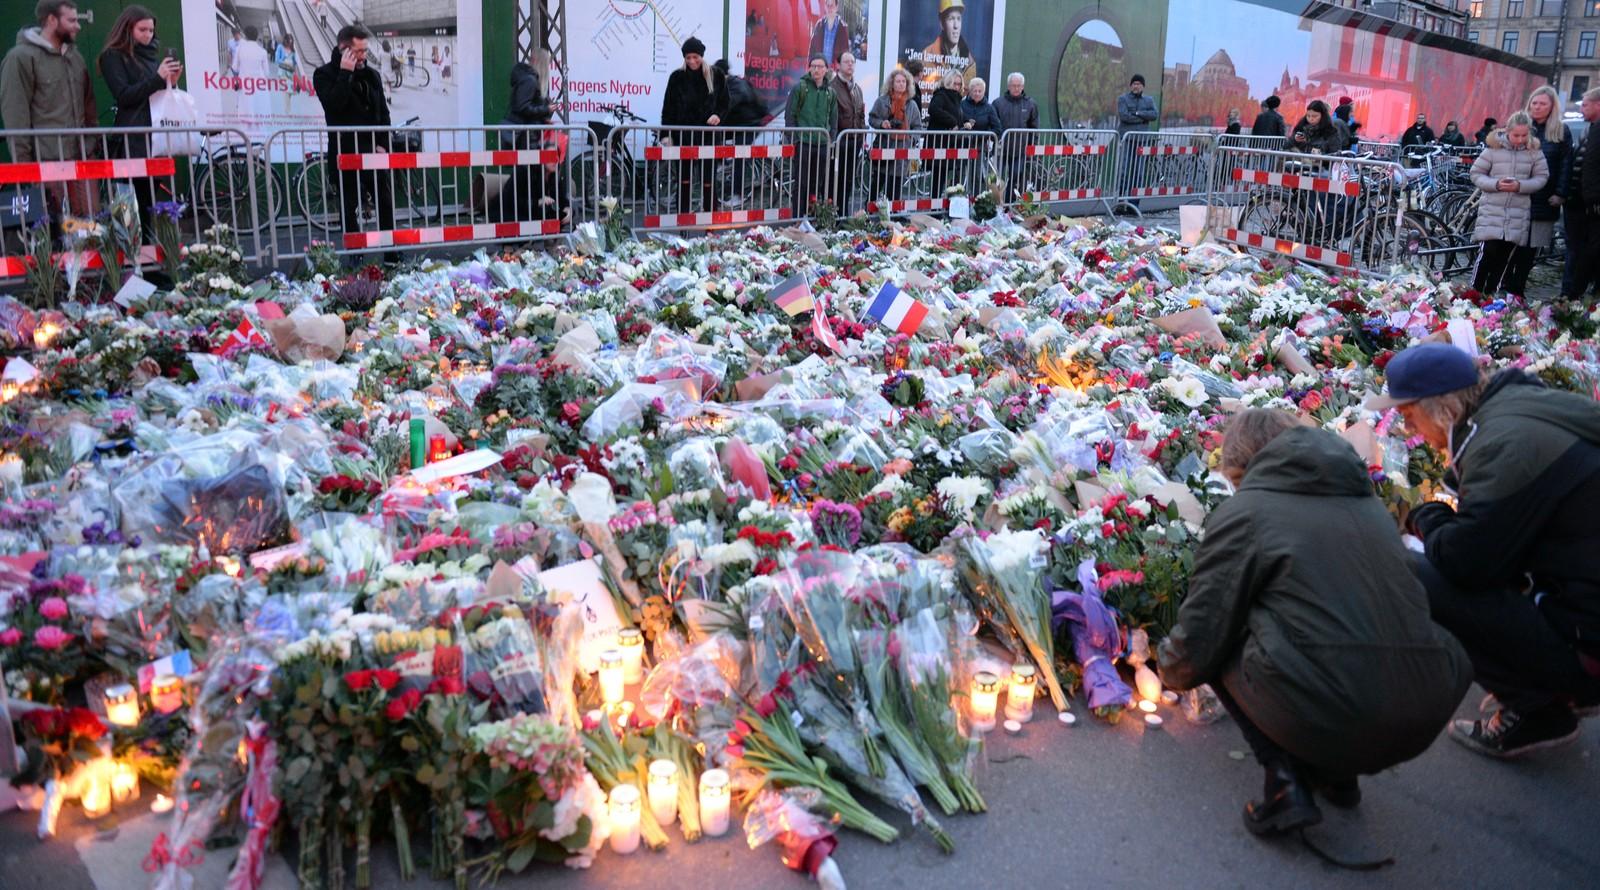 Dansker legger ned blomster ved den franske ambassaden i København.